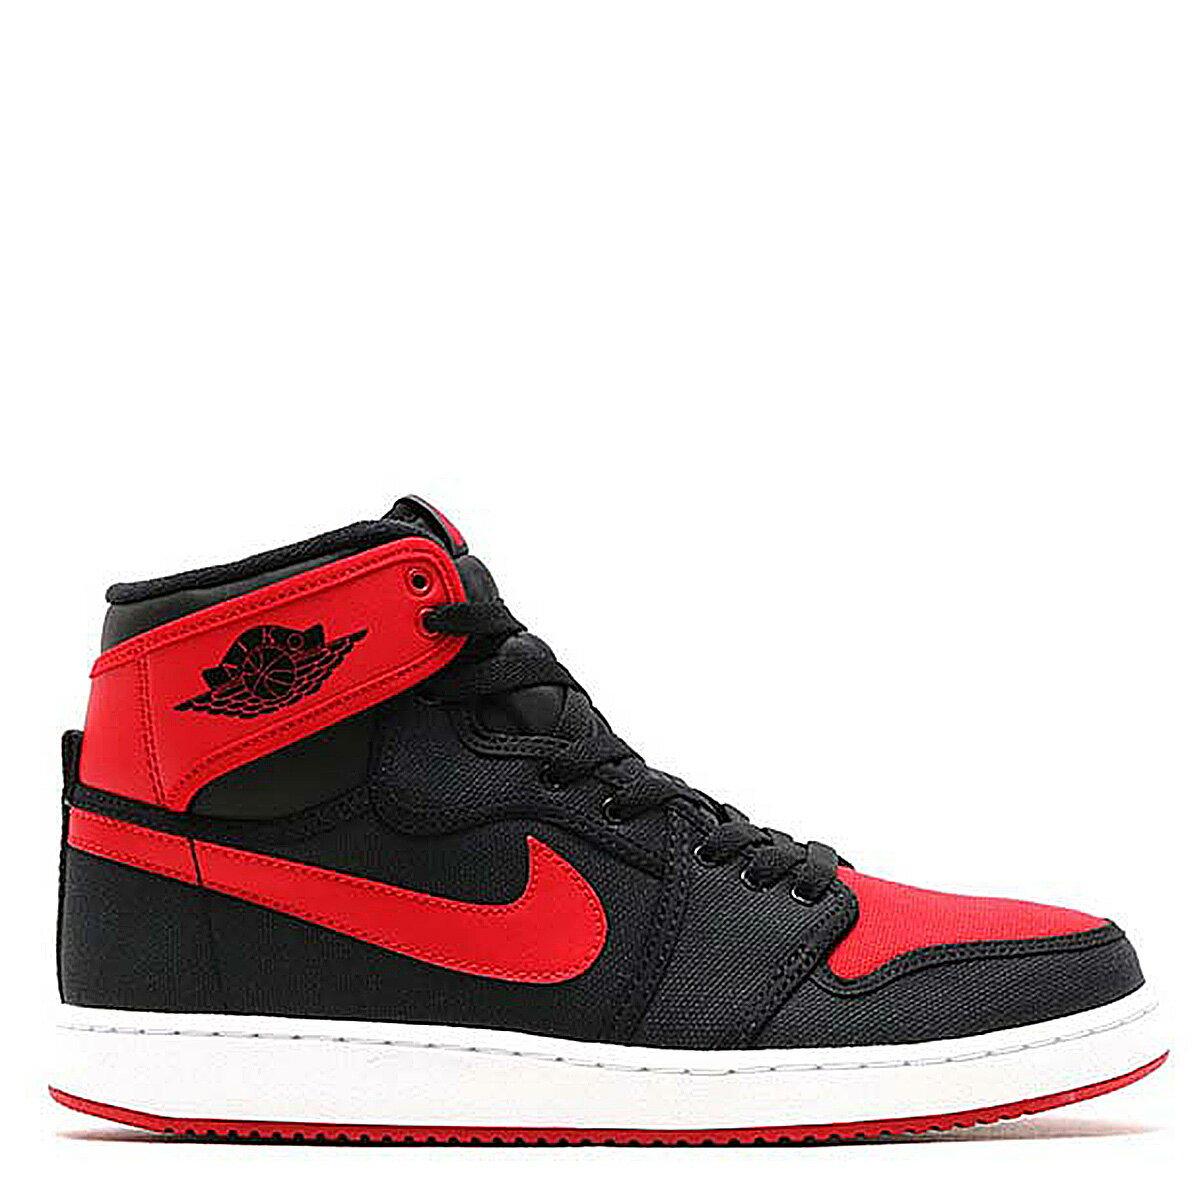 メンズ靴, スニーカー  NIKE 1 AIR JORDAN 1 RETRO KO HIGH OG 638471-001 zzi